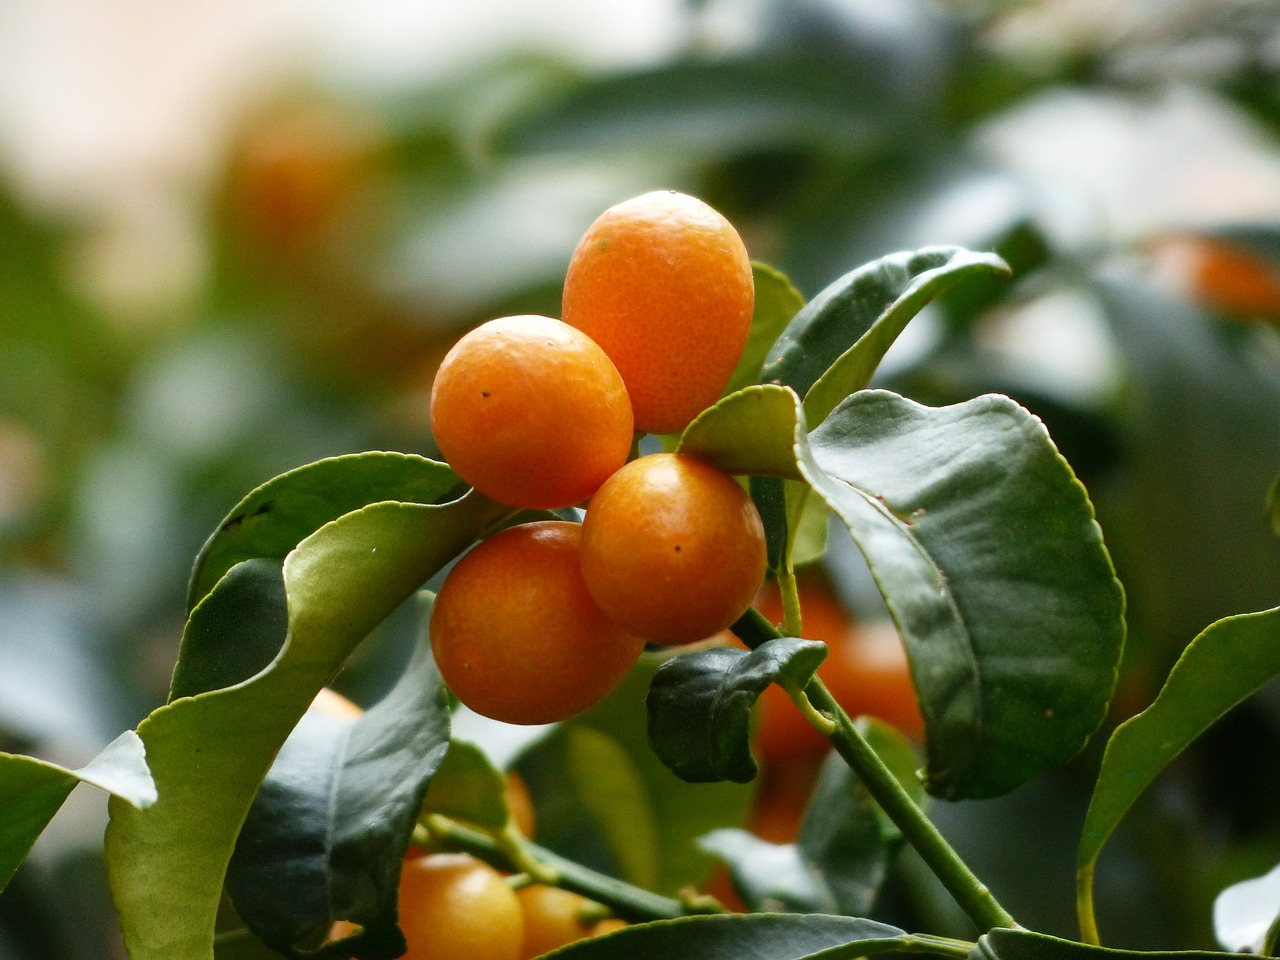 Το Κουμ Κουάτ ανήκει στην οικογένεια Rutaceae. Το Κουμ Κουάτ είναι ποικιλία με ωοειδείς καρπούς, κιτρινοπορτοκαλί χρώματος κουταλιού ή λικέρ.